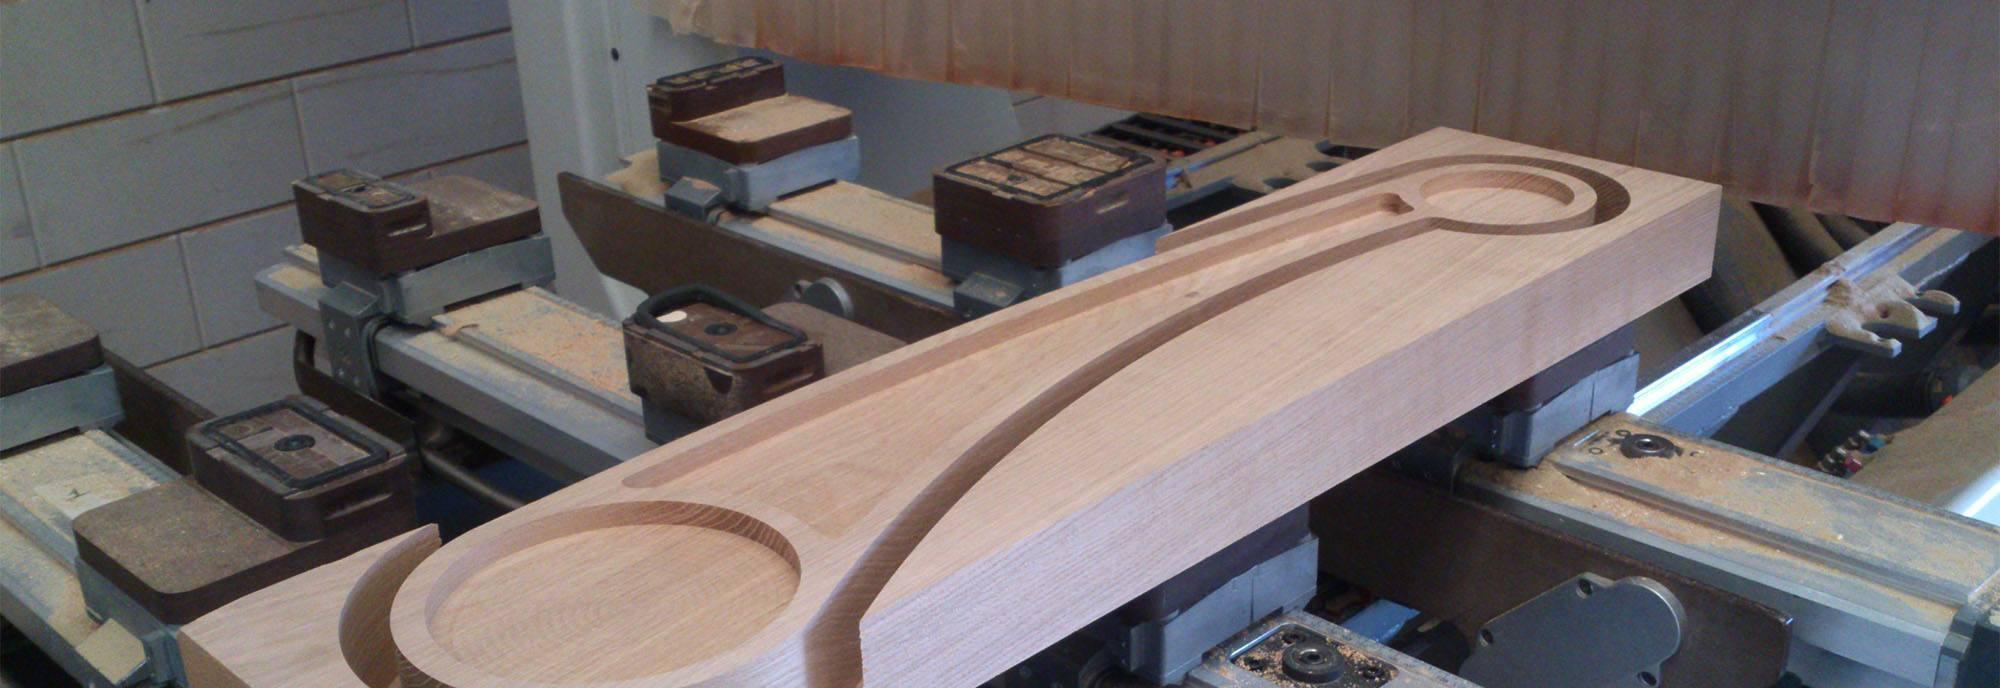 Wonderbaarlijk De CNC bewerker in hout en plaat! | Madera B.V. ET-25